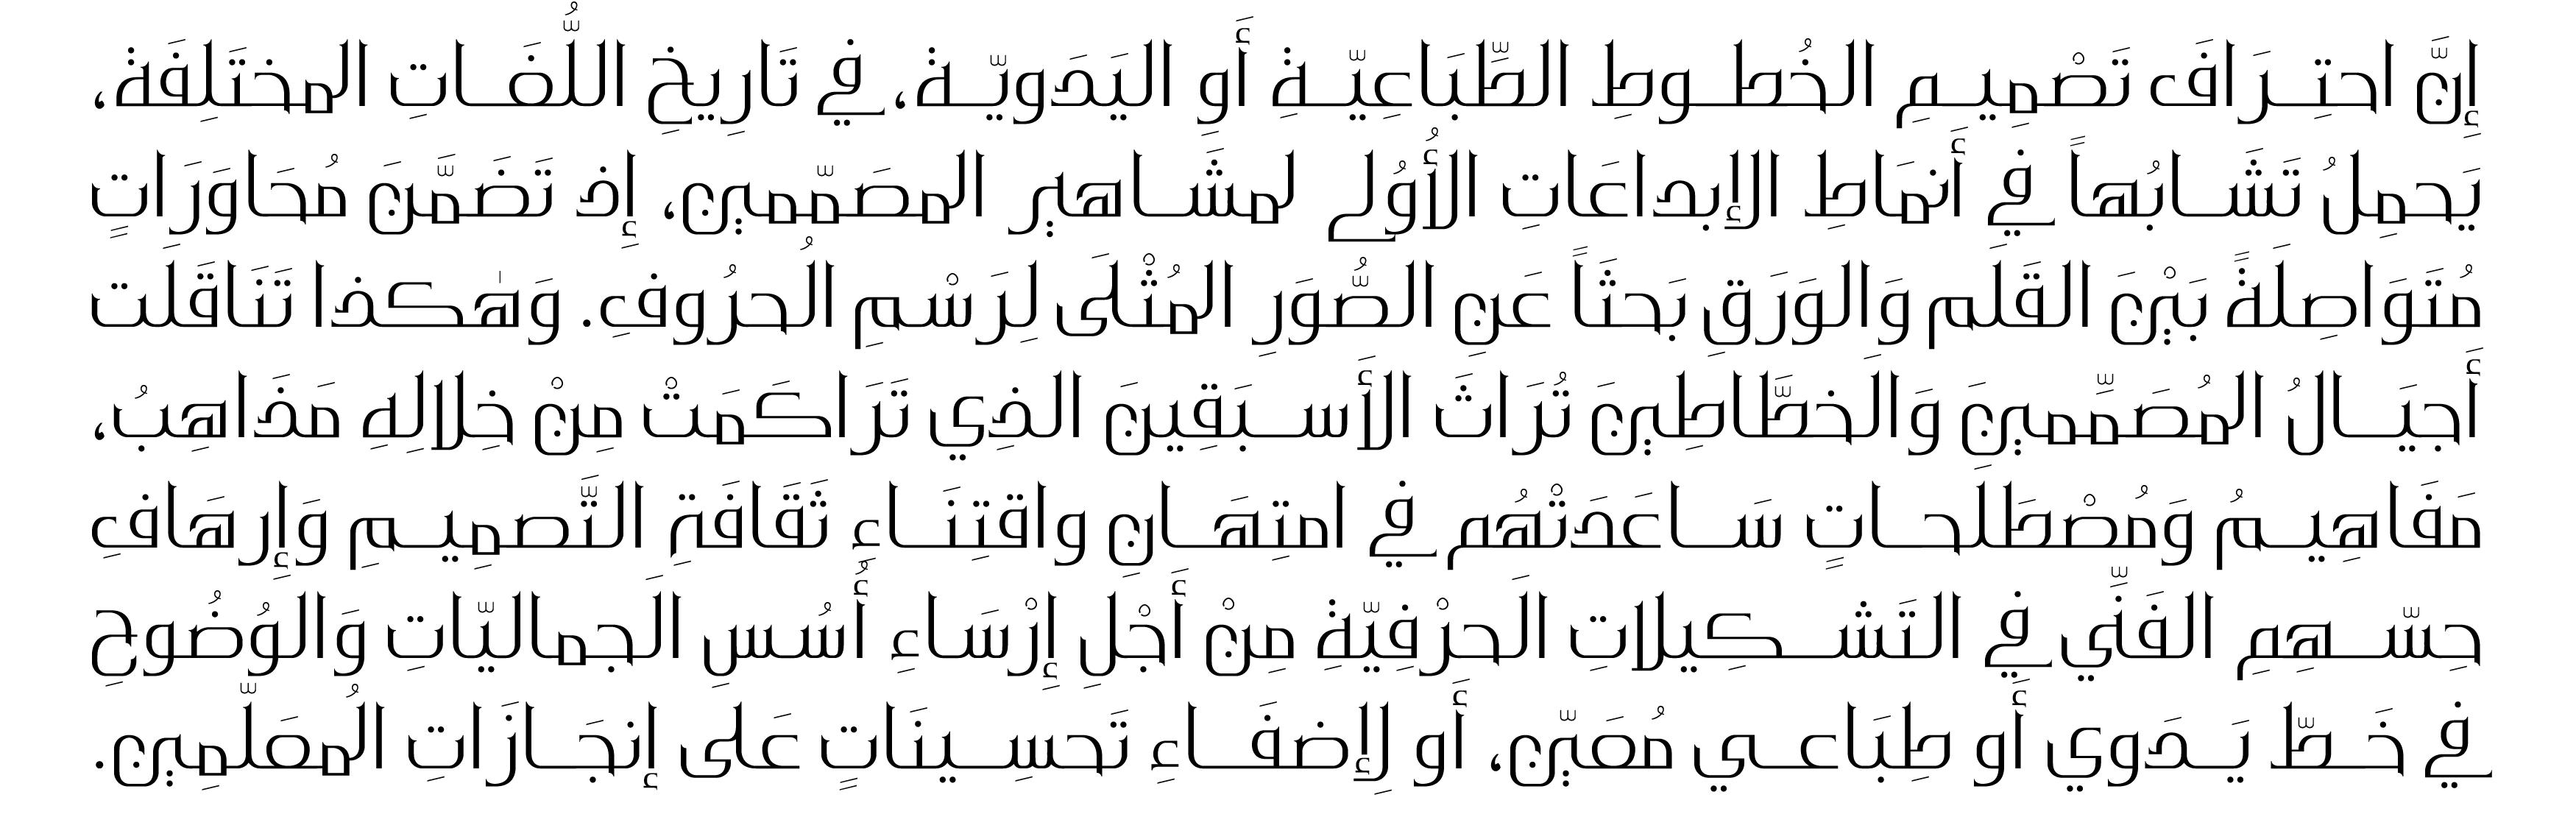 Alwadi-Grand Thin